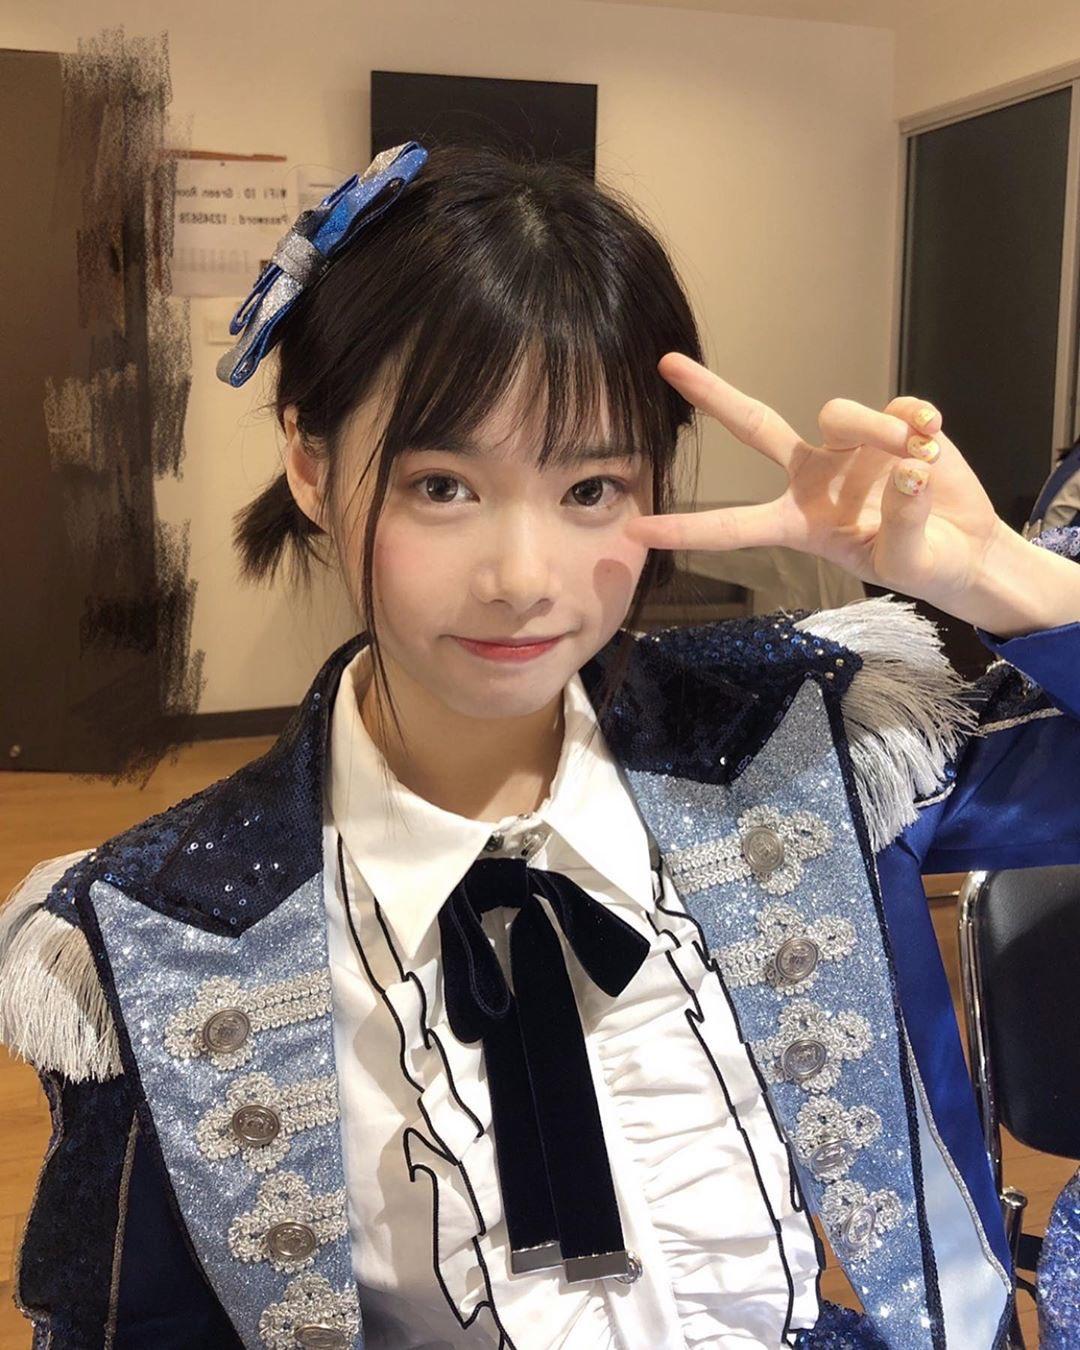 """AKB48 My Idol Support. on Twitter: """"AKB48 Team SH Dai ziyan (戴紫嫣) #AKB48  #AKB48TeamSH #戴紫嫣… """""""